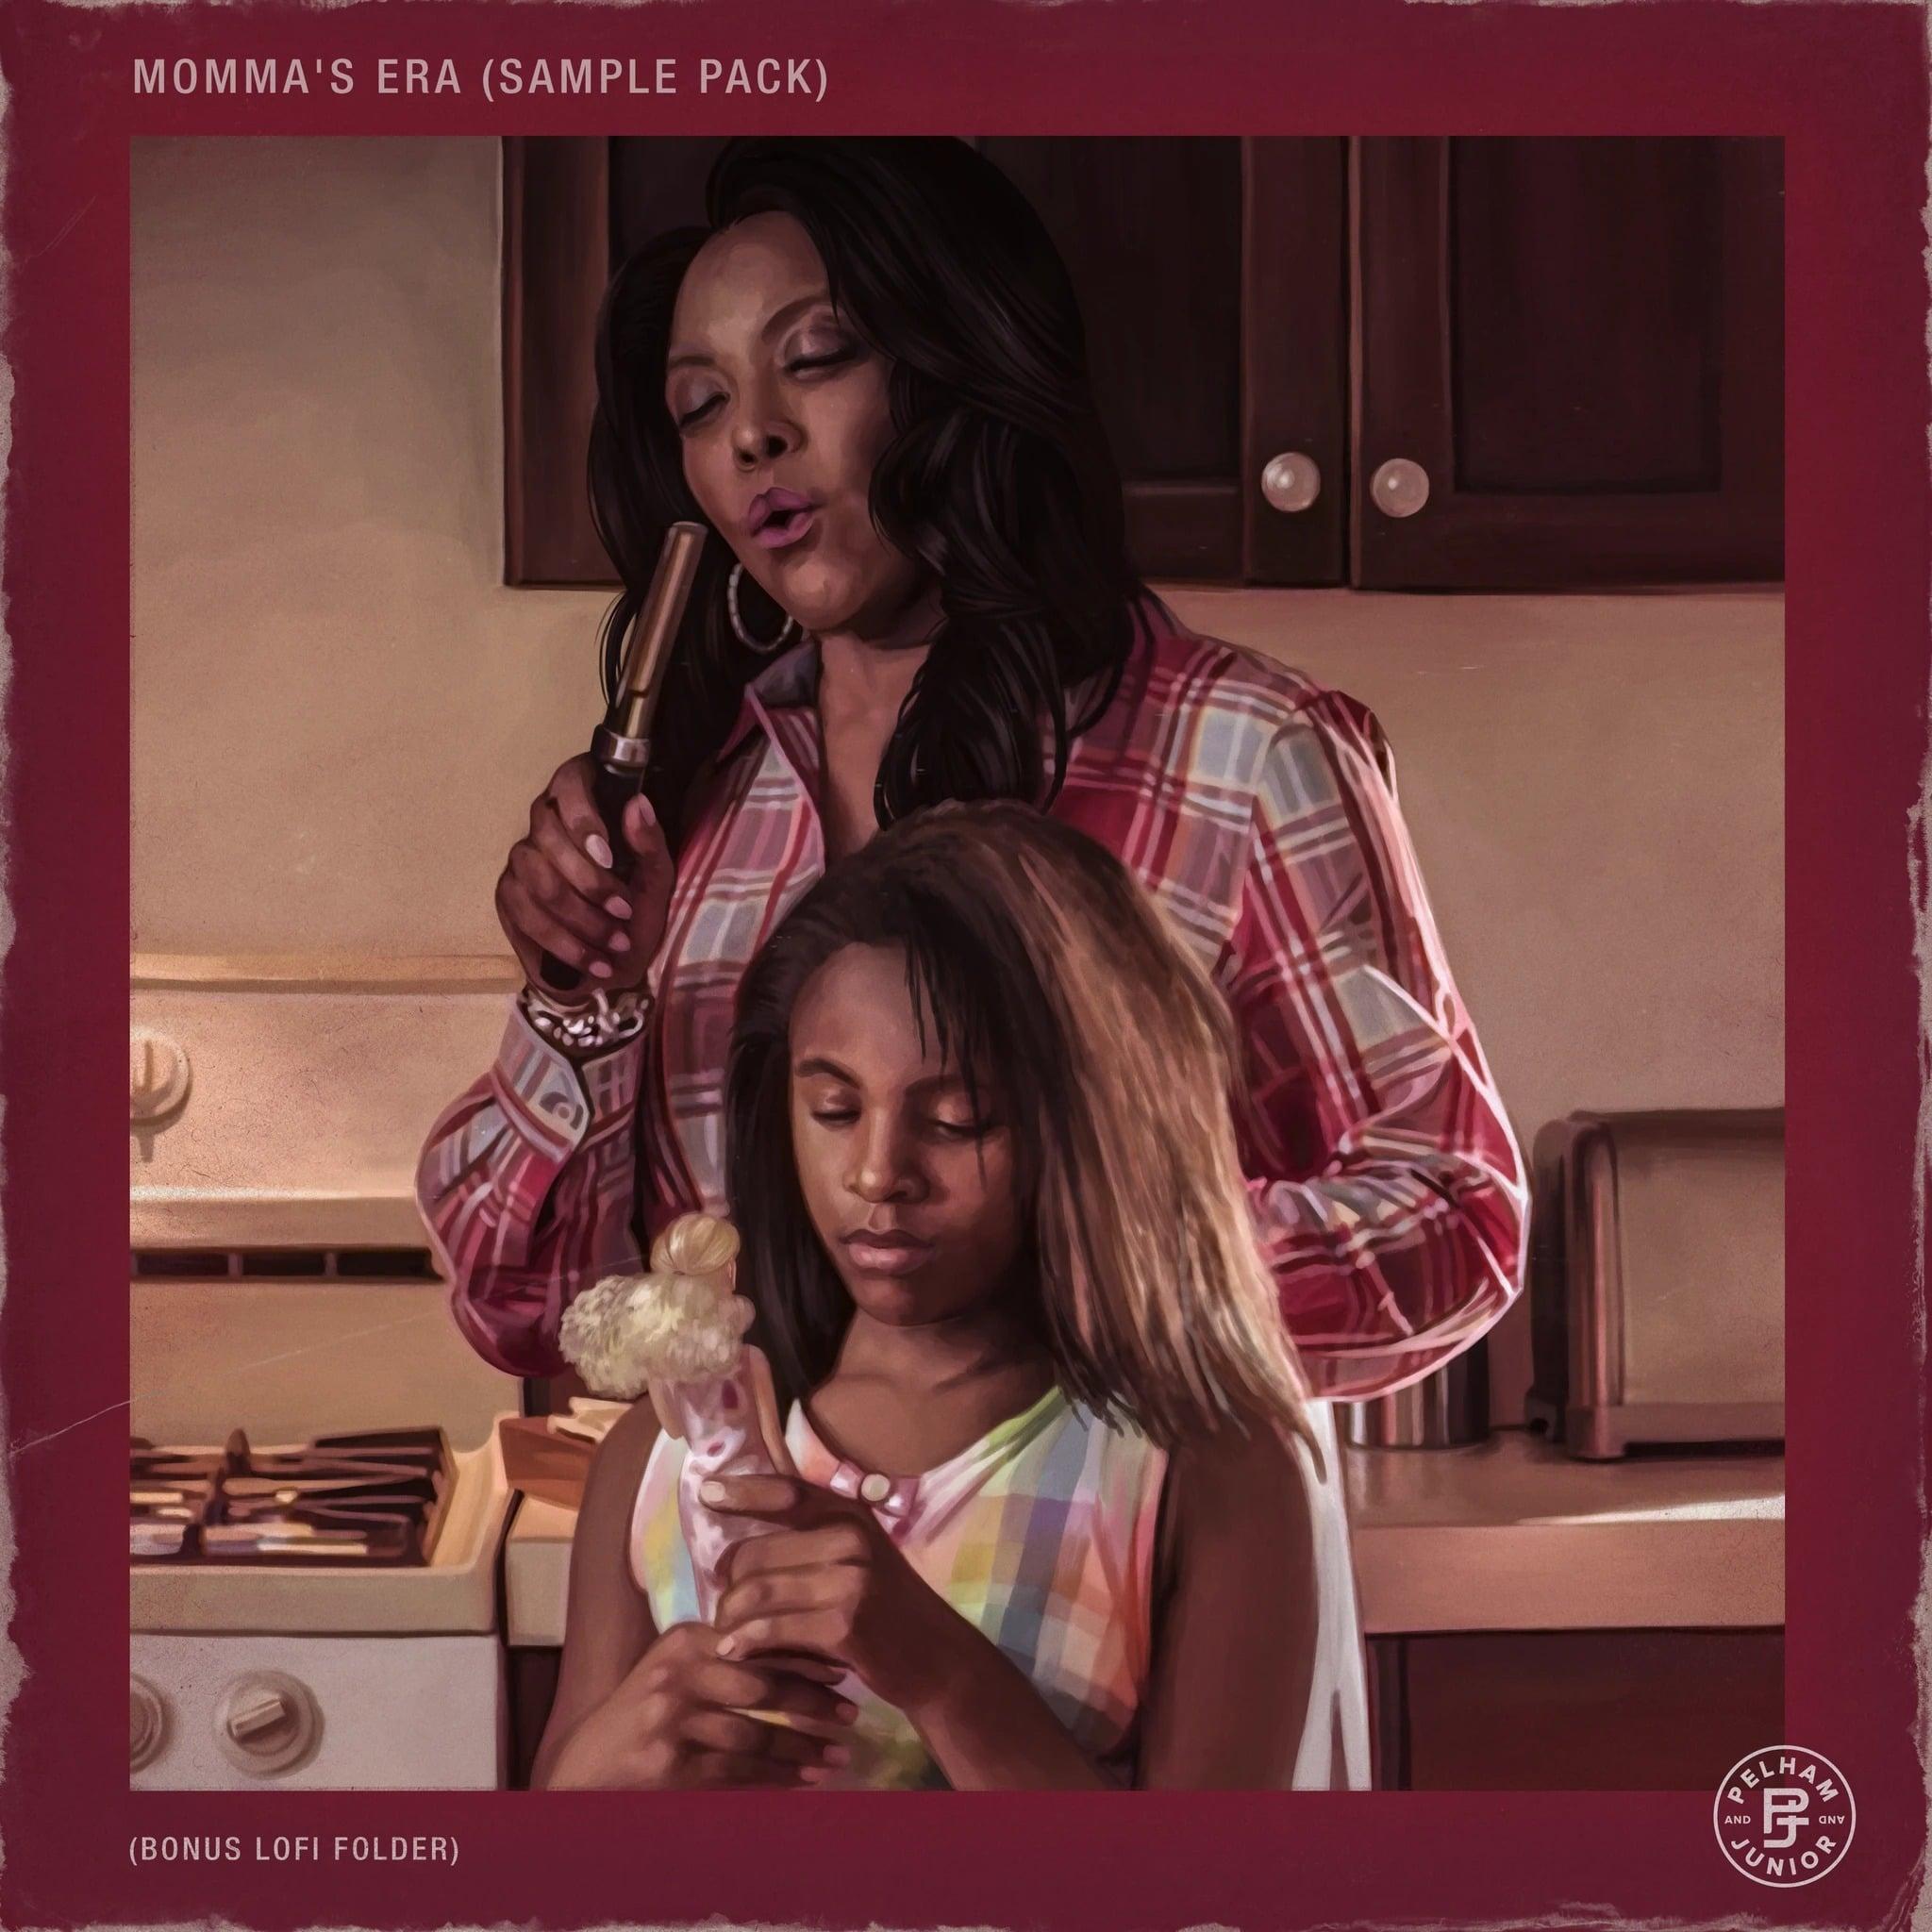 Pelham & Junior - Momma's Era Sample Pack